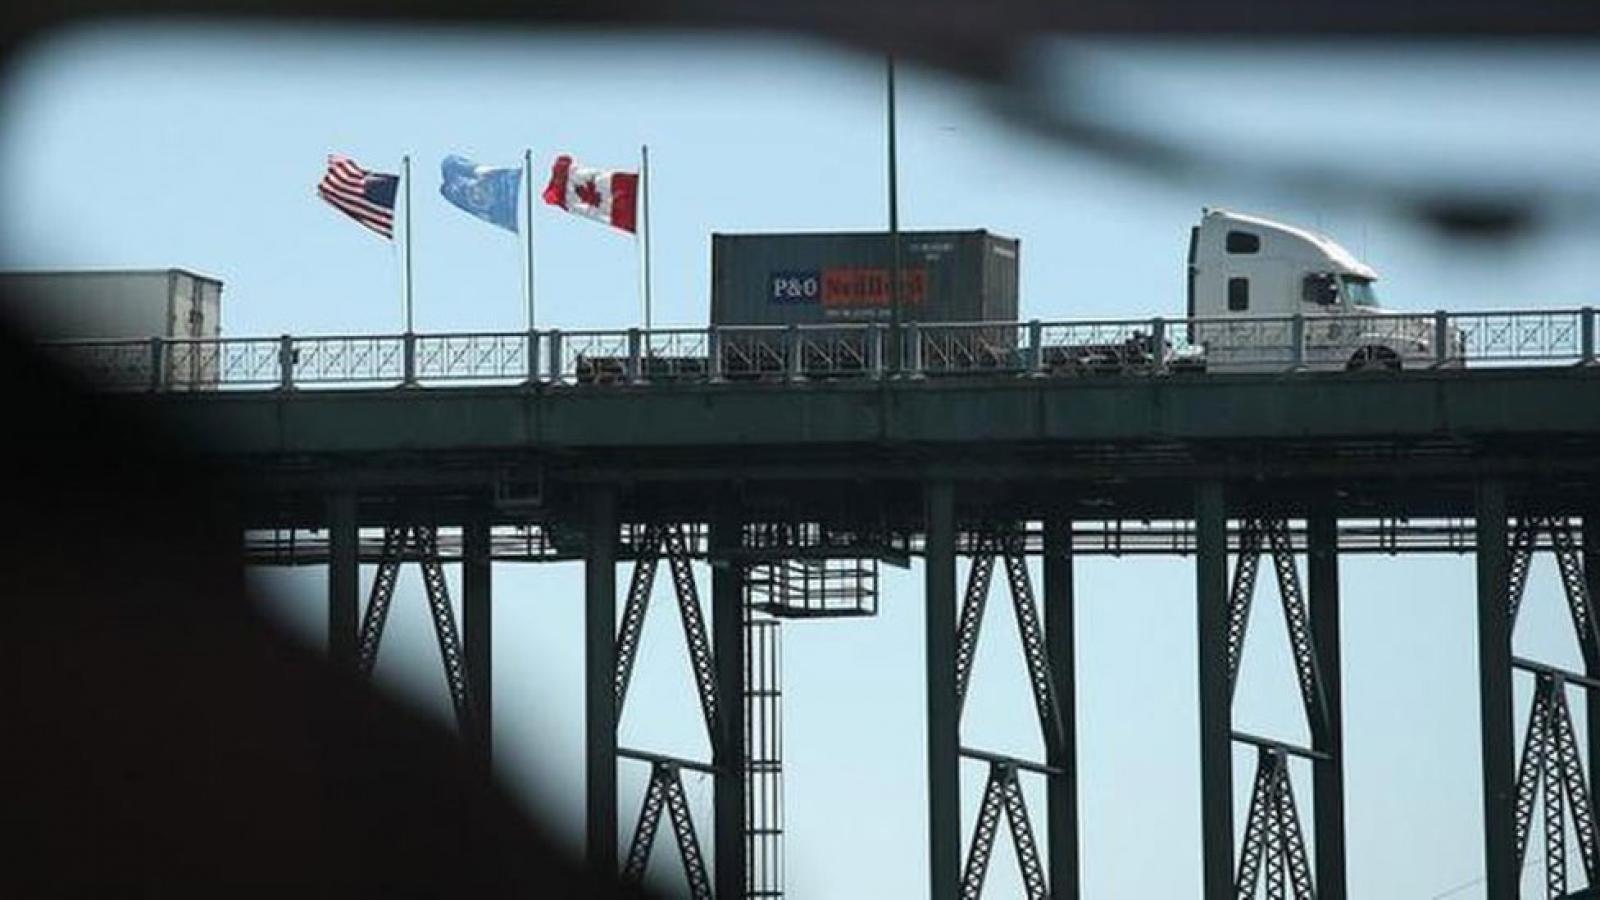 Mỹ và Canada kéo dài giới hạn biên giới thêm 30 ngày